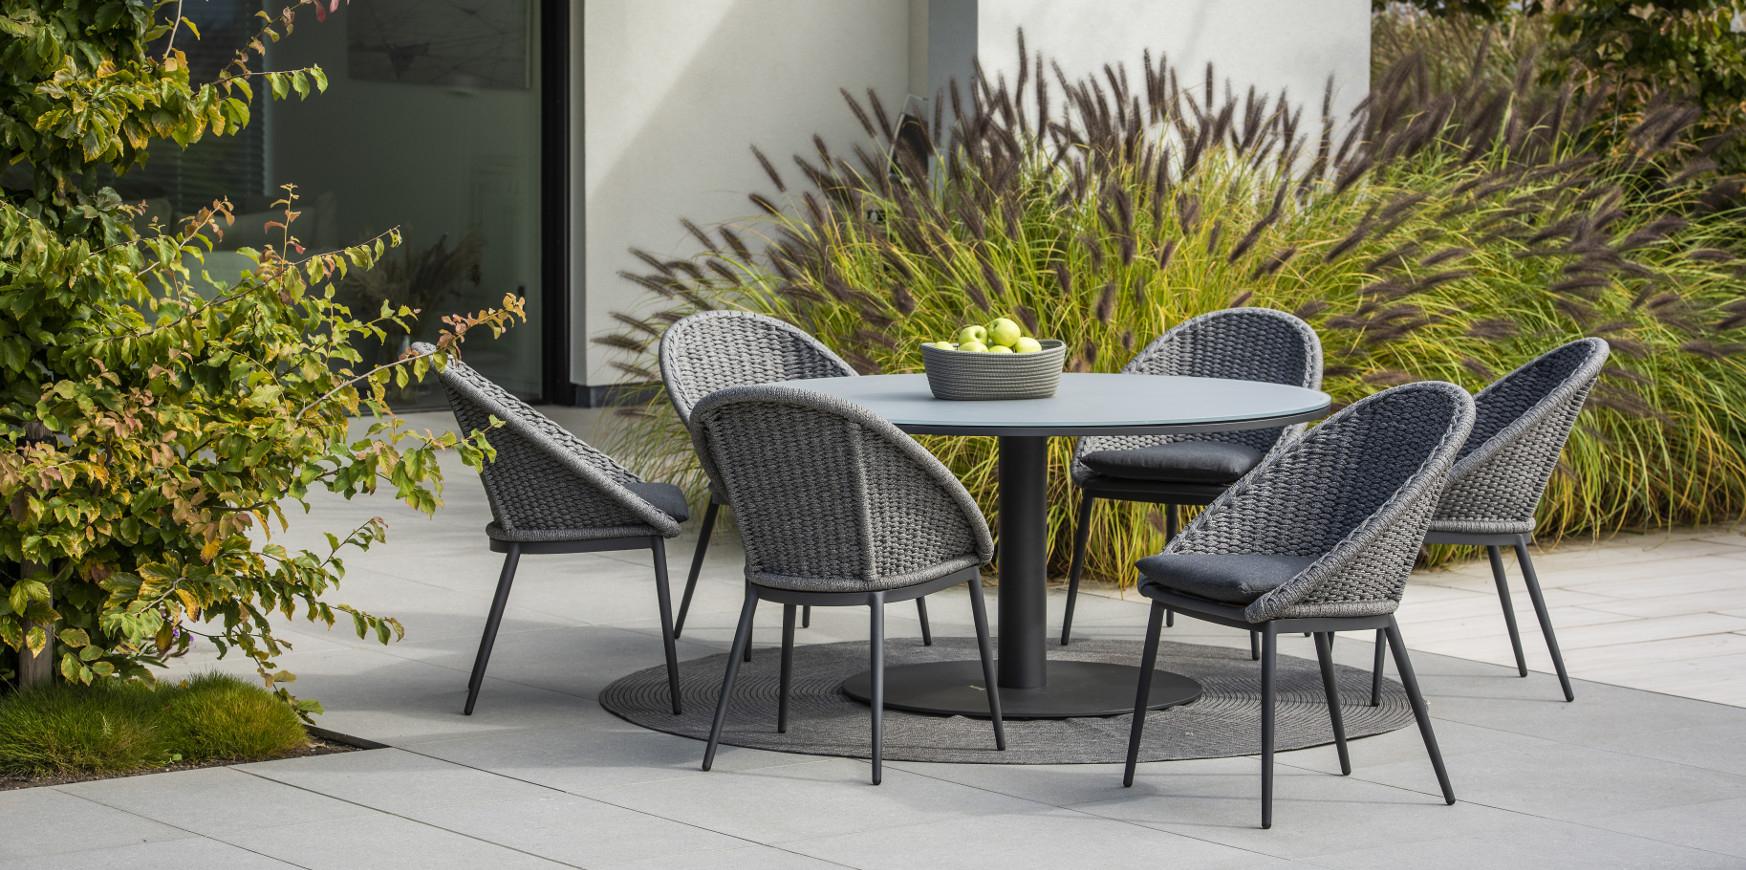 Mobilier De Jardin - Magasin De Meubles Extérieur Haut De ... avec Table De Jardin Aluminium Et Composite